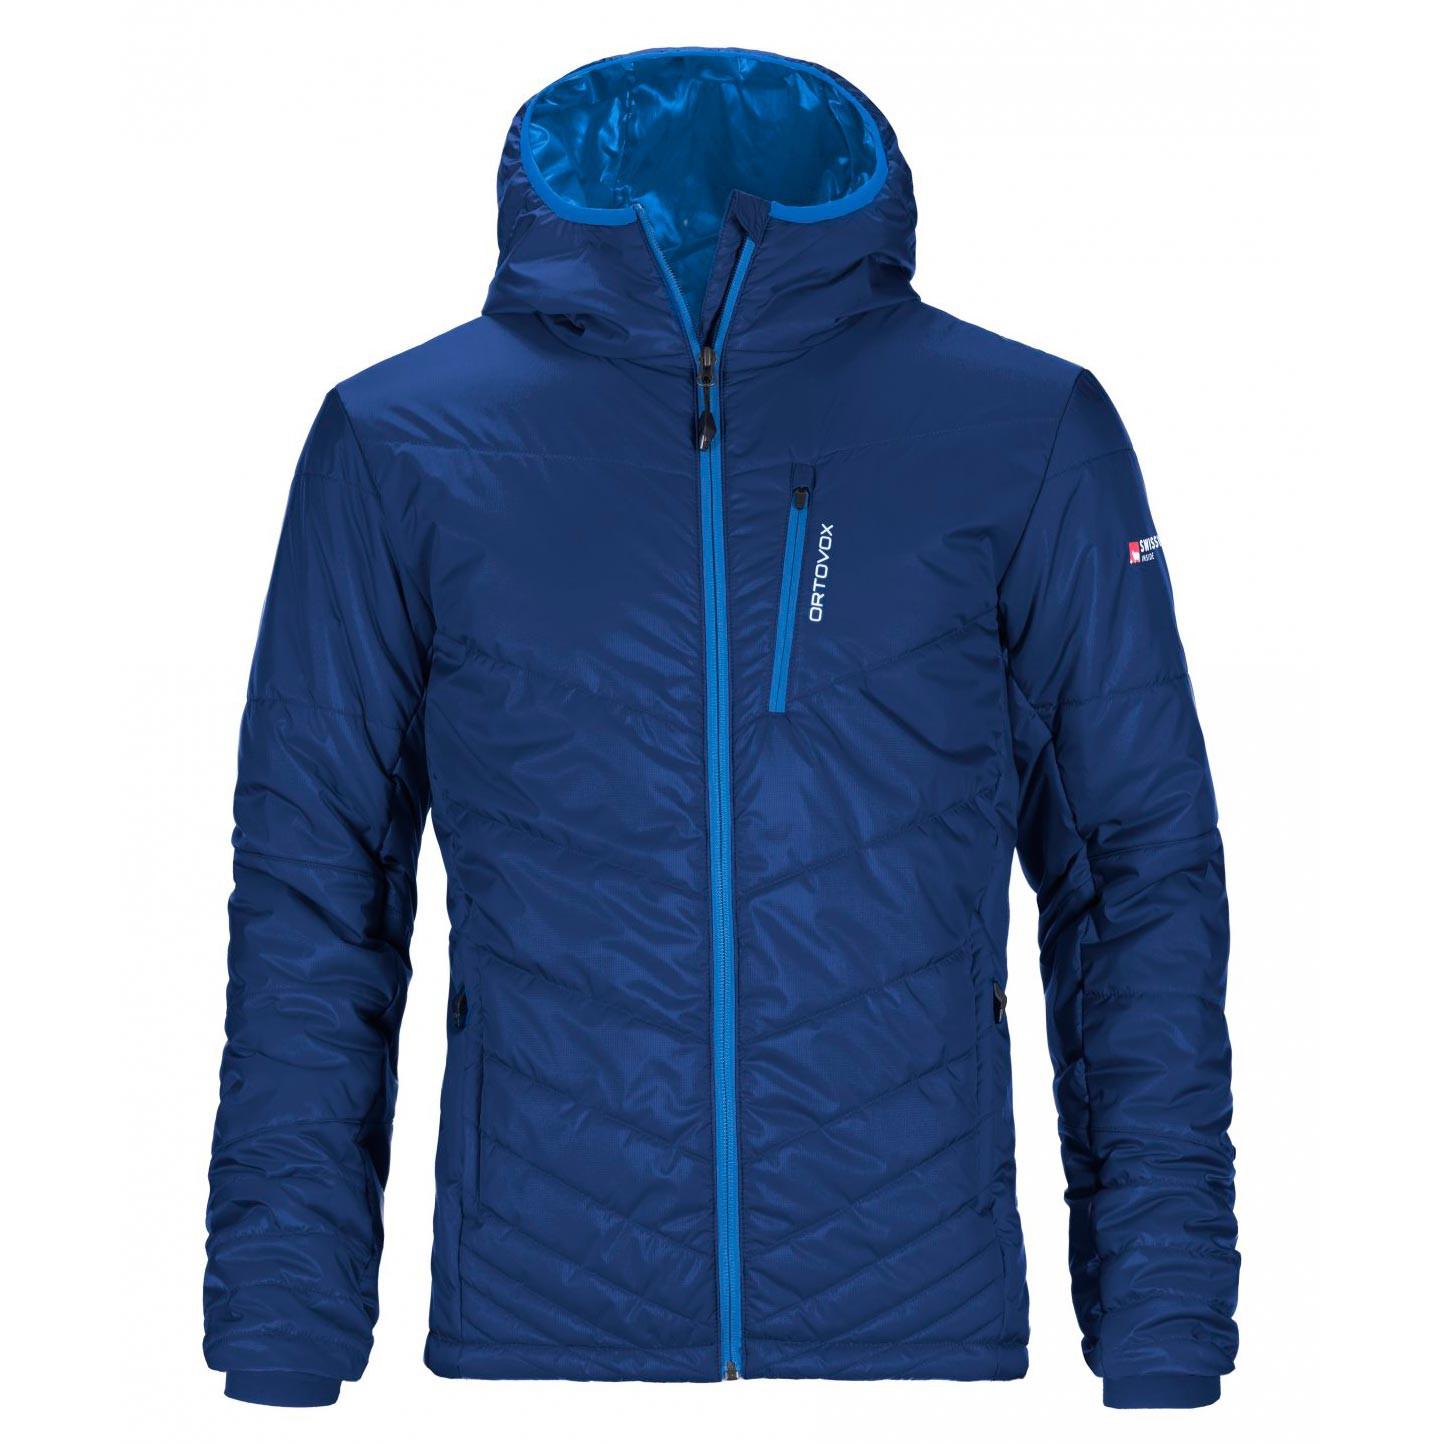 Ortovox Piz Bianco Jacket strong blue